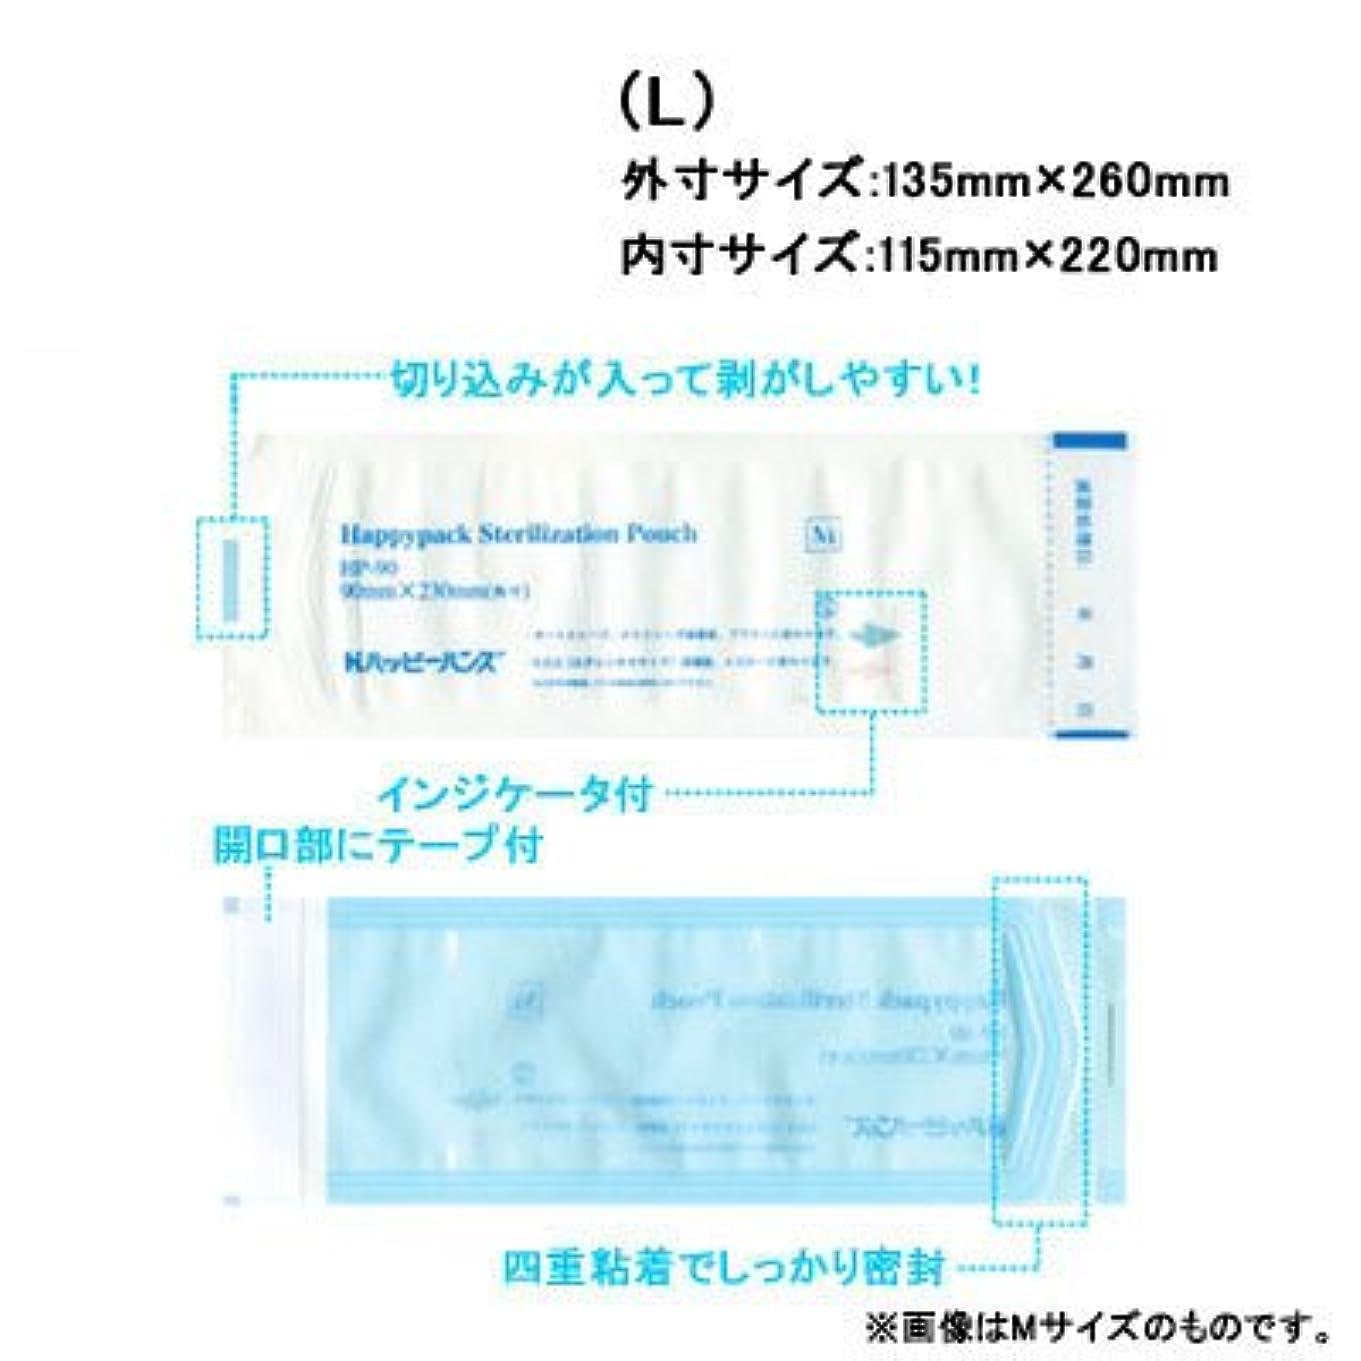 すき加速するましい(ロータス)LOTUS ハッピーパックシール Lサイズ (滅菌 パウチ シールタイプ)(135mm×260mm)